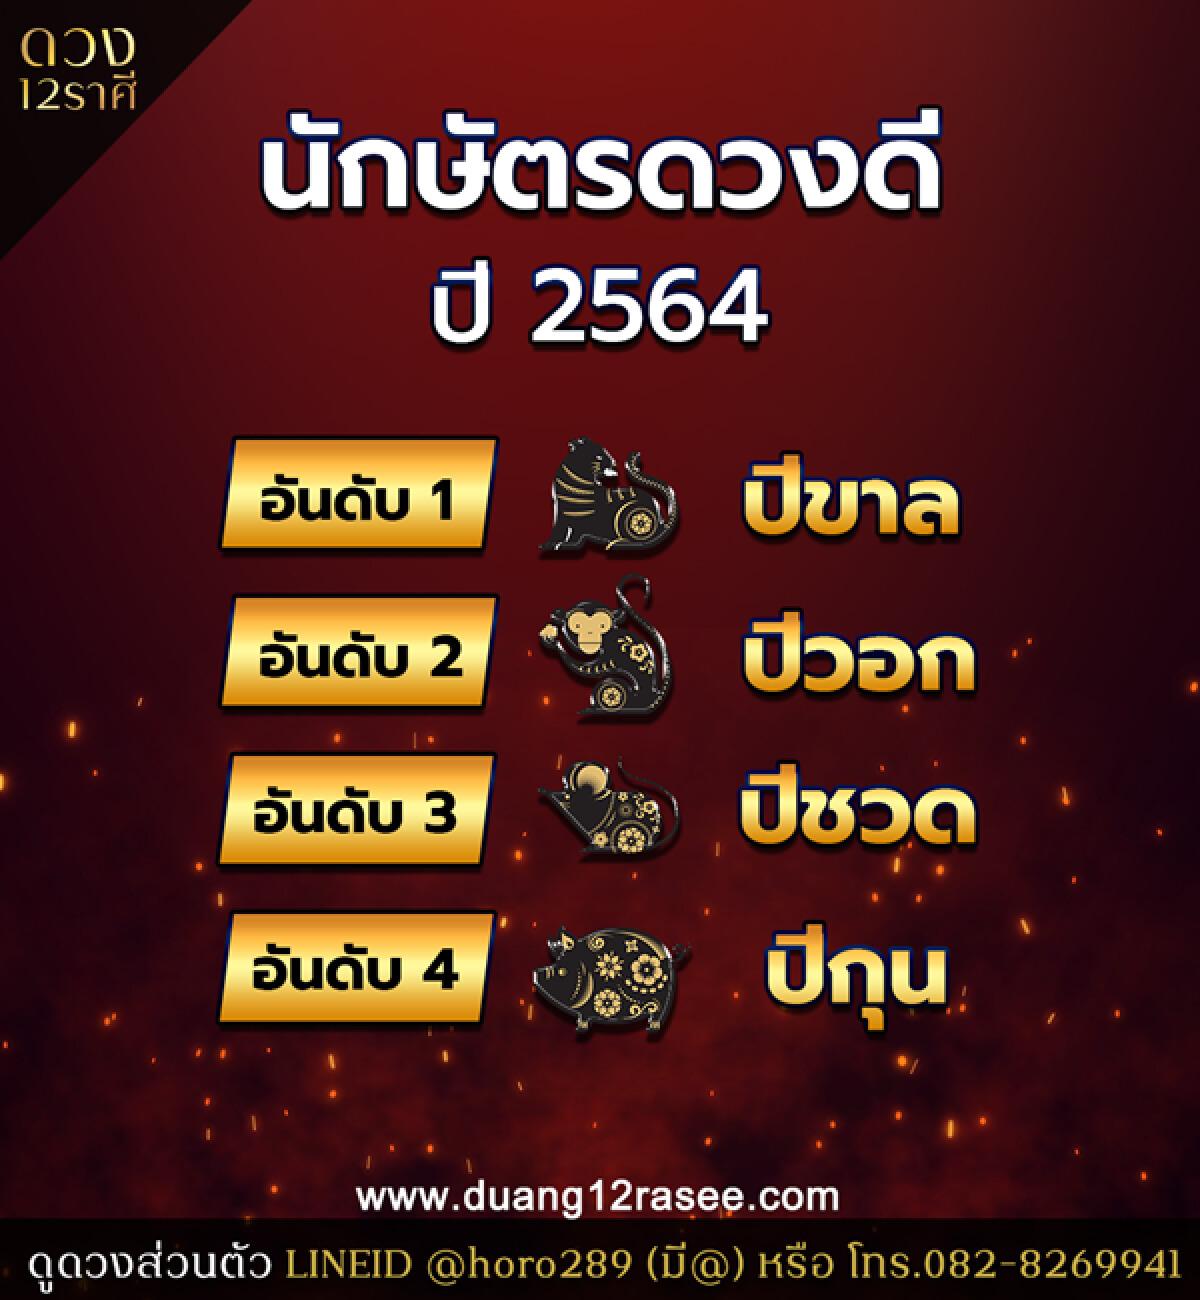 อาจารย์ออย เผย 4 อันดับปีนักษัตรดวงเฮง ดวงดี ประจำปี 2564